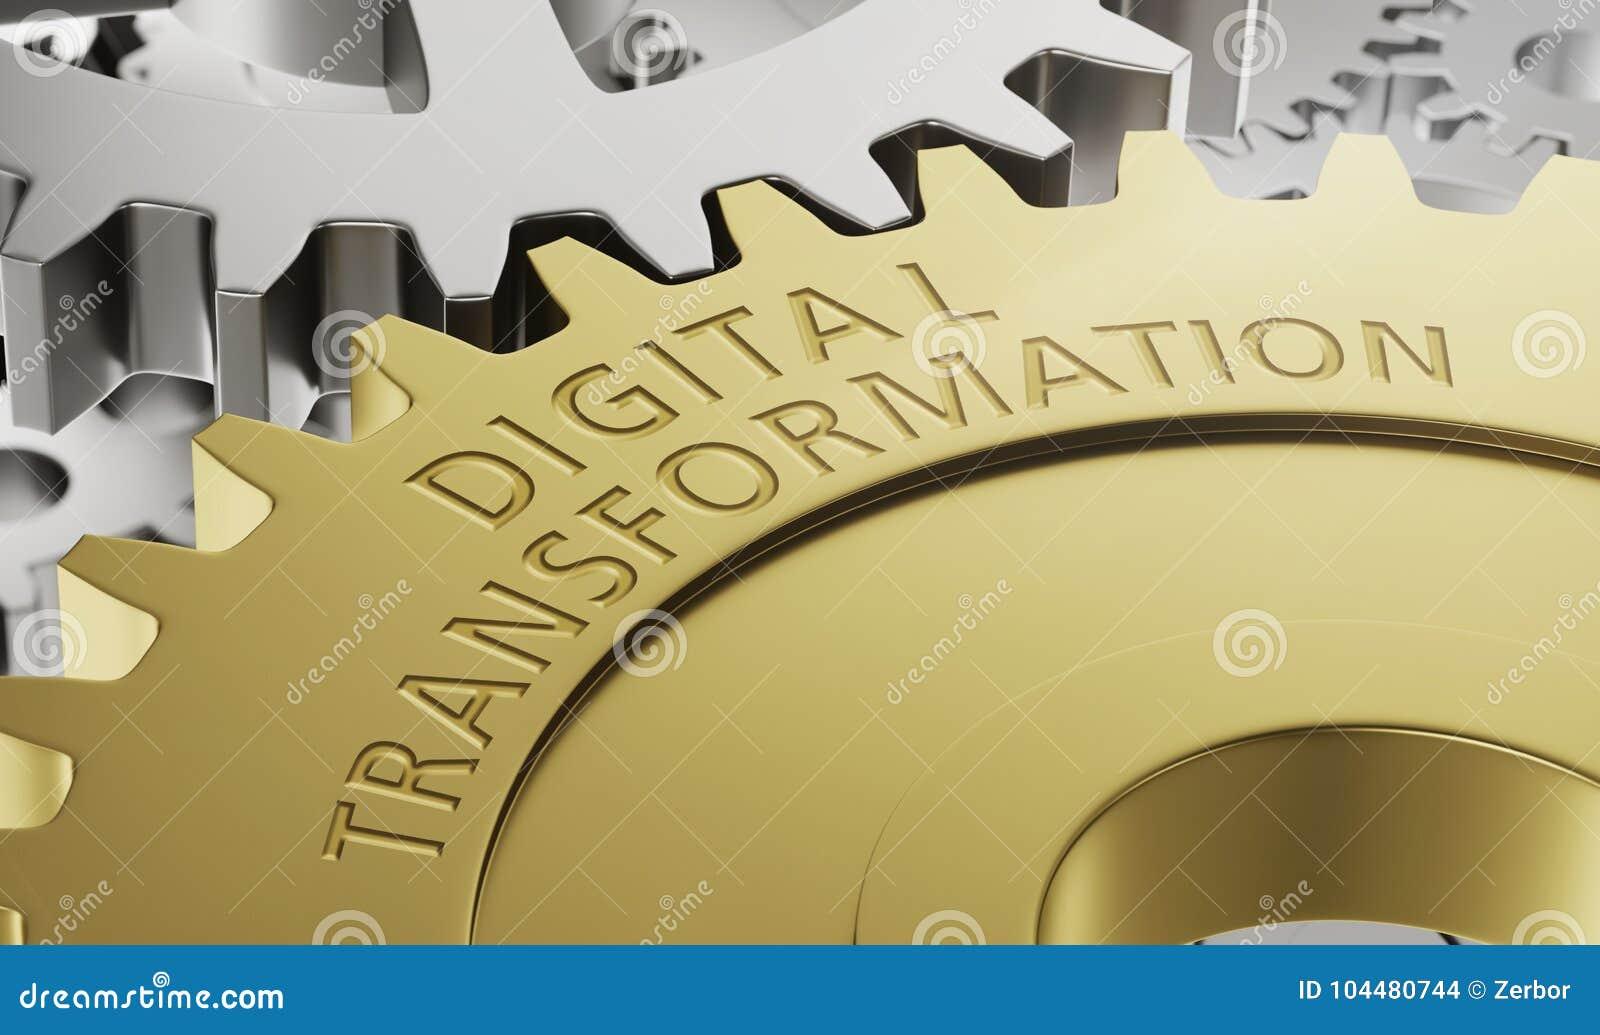 De wielen van het metaaltoestel met de gravure Digitale Transformatie